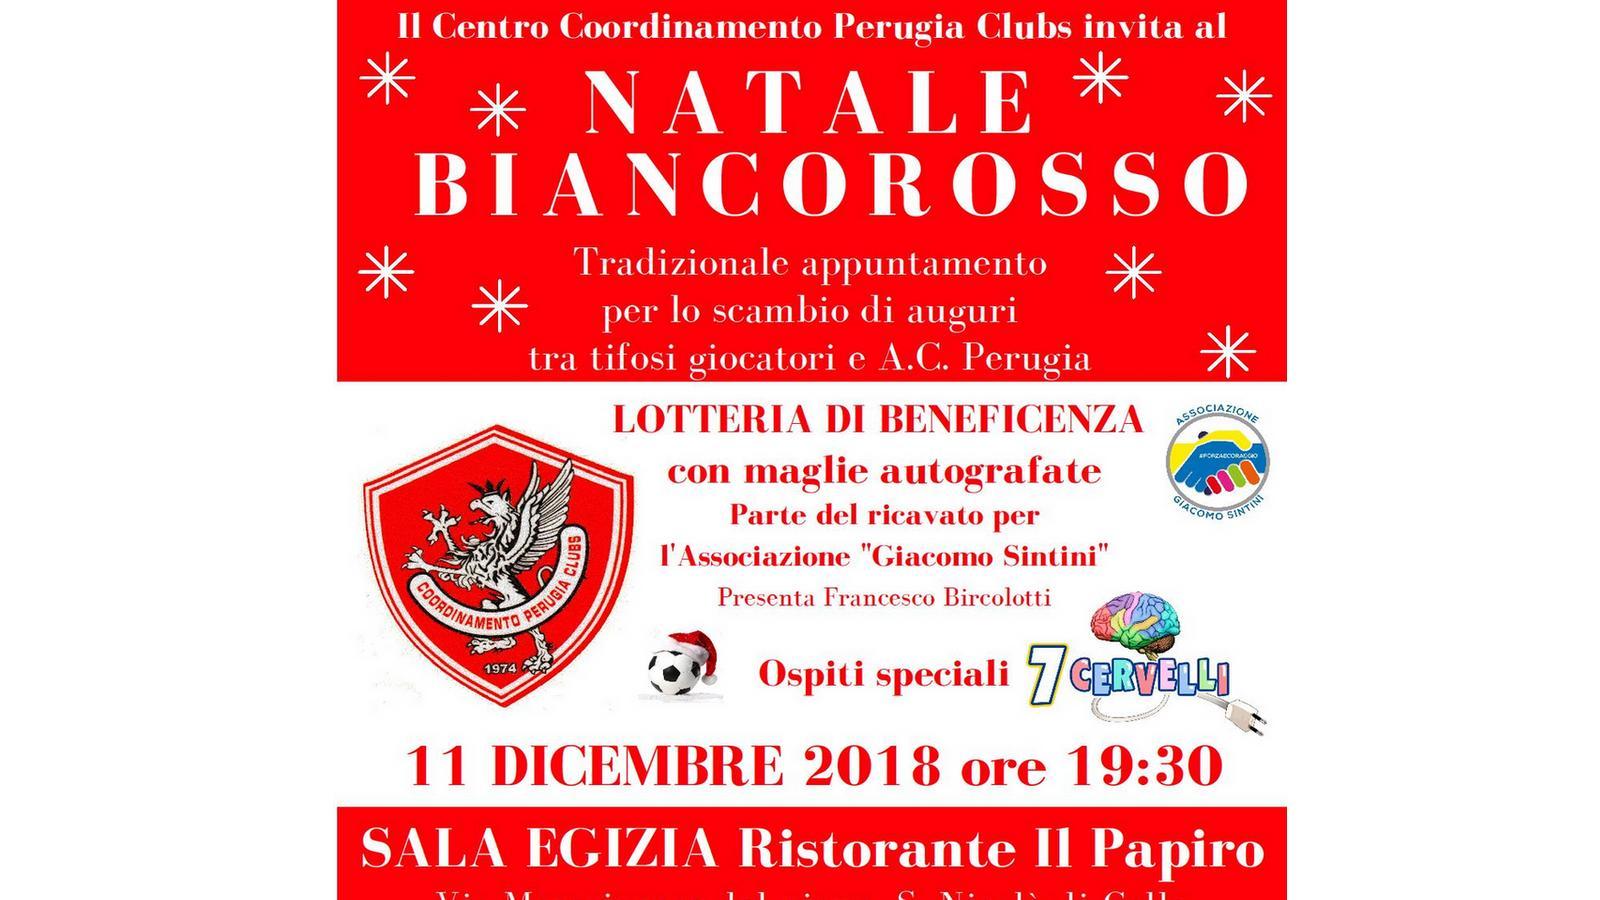 7 Cervelli Auguri Di Natale.Natale Biancorosso 11 Dicembre 2018 Alle Ore 19 30